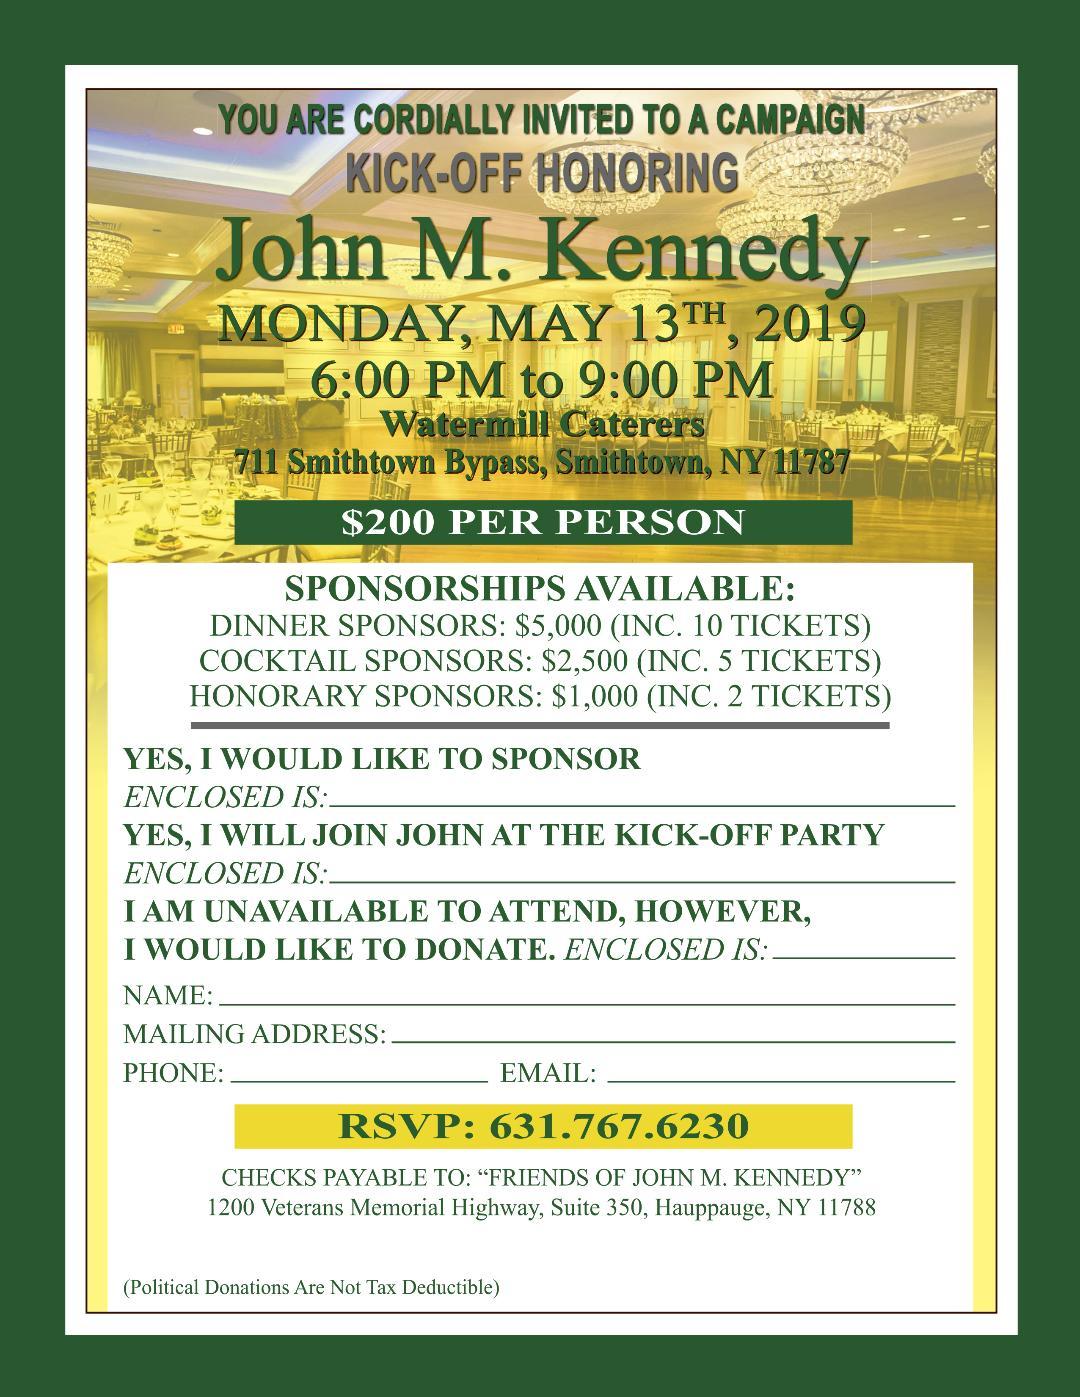 Kennedy_KickoffInvite.jpg